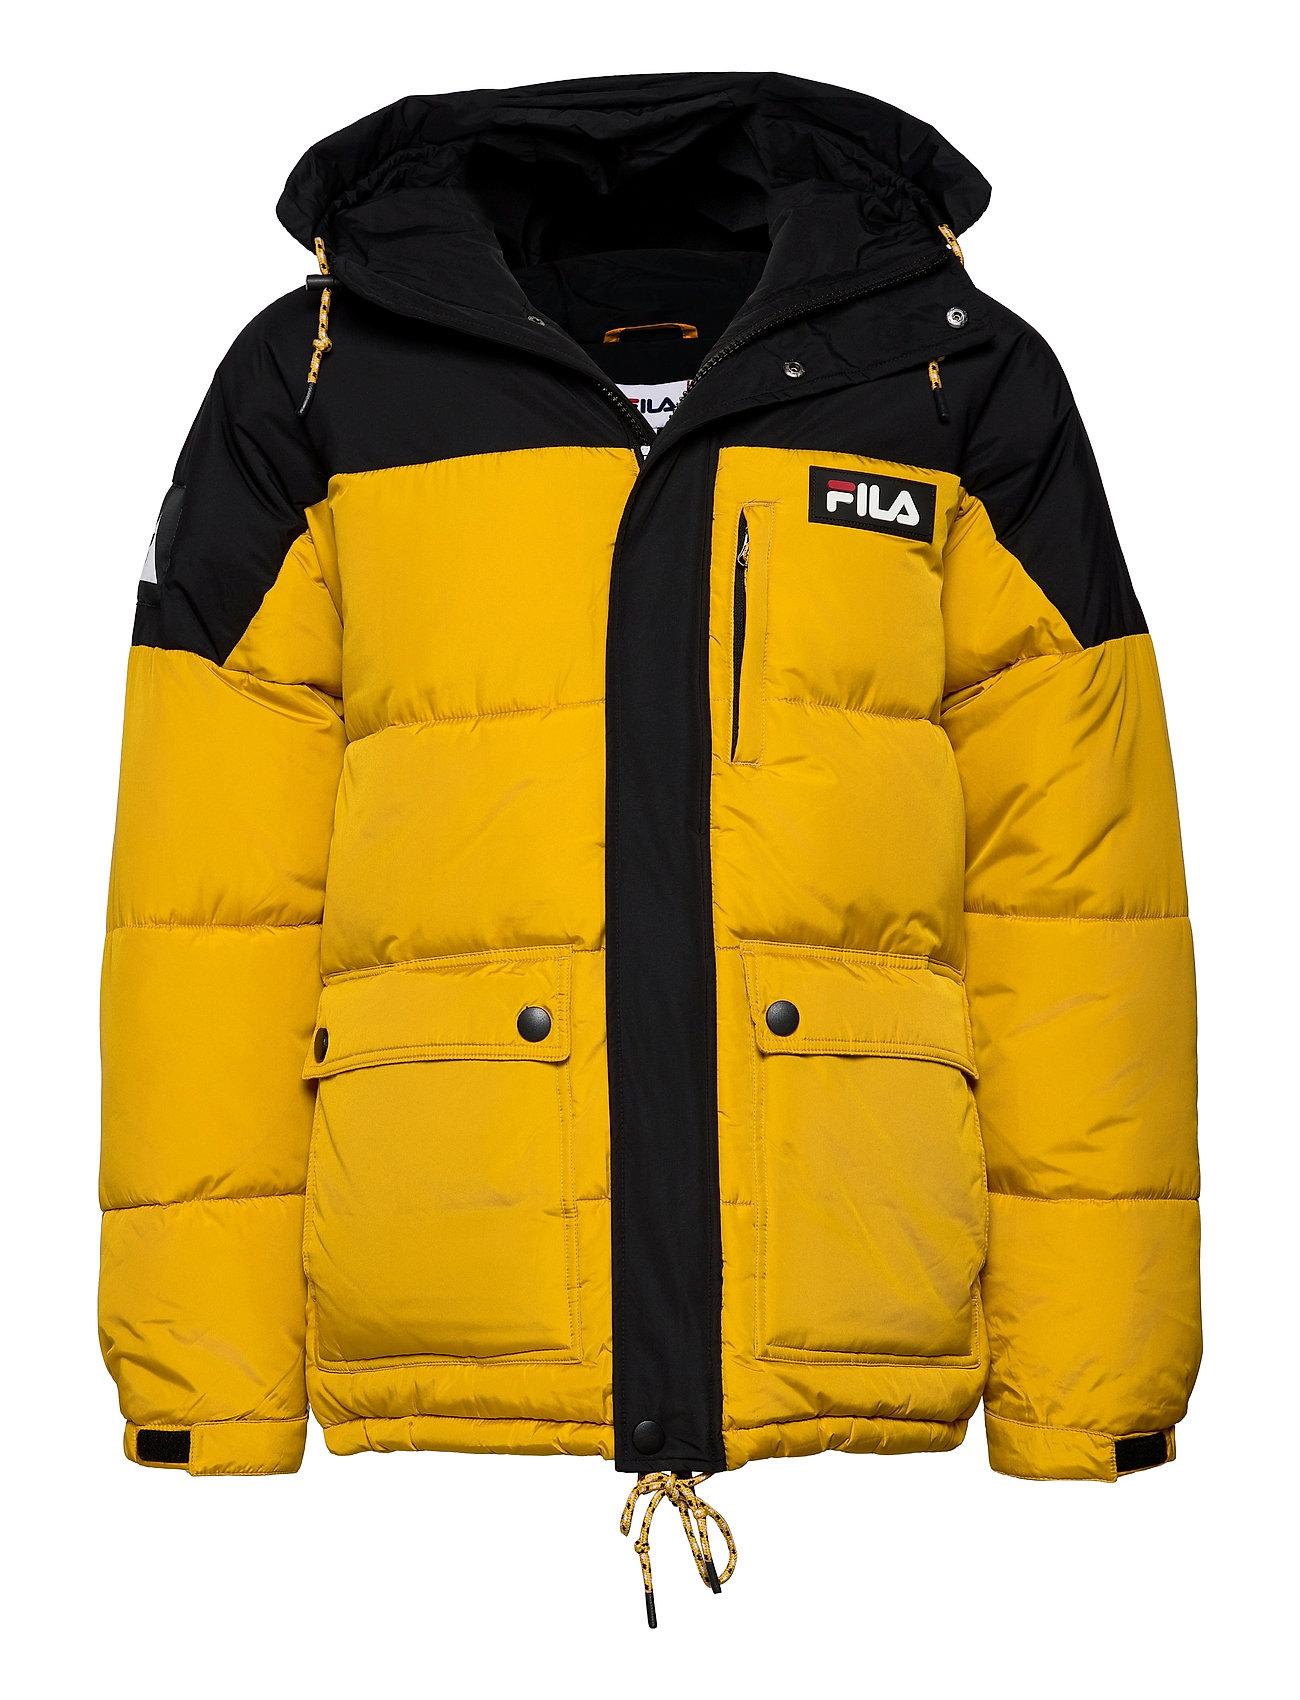 Image of Men Escurci Puffed Jacket Foret Jakke Gul FILA (3461044425)